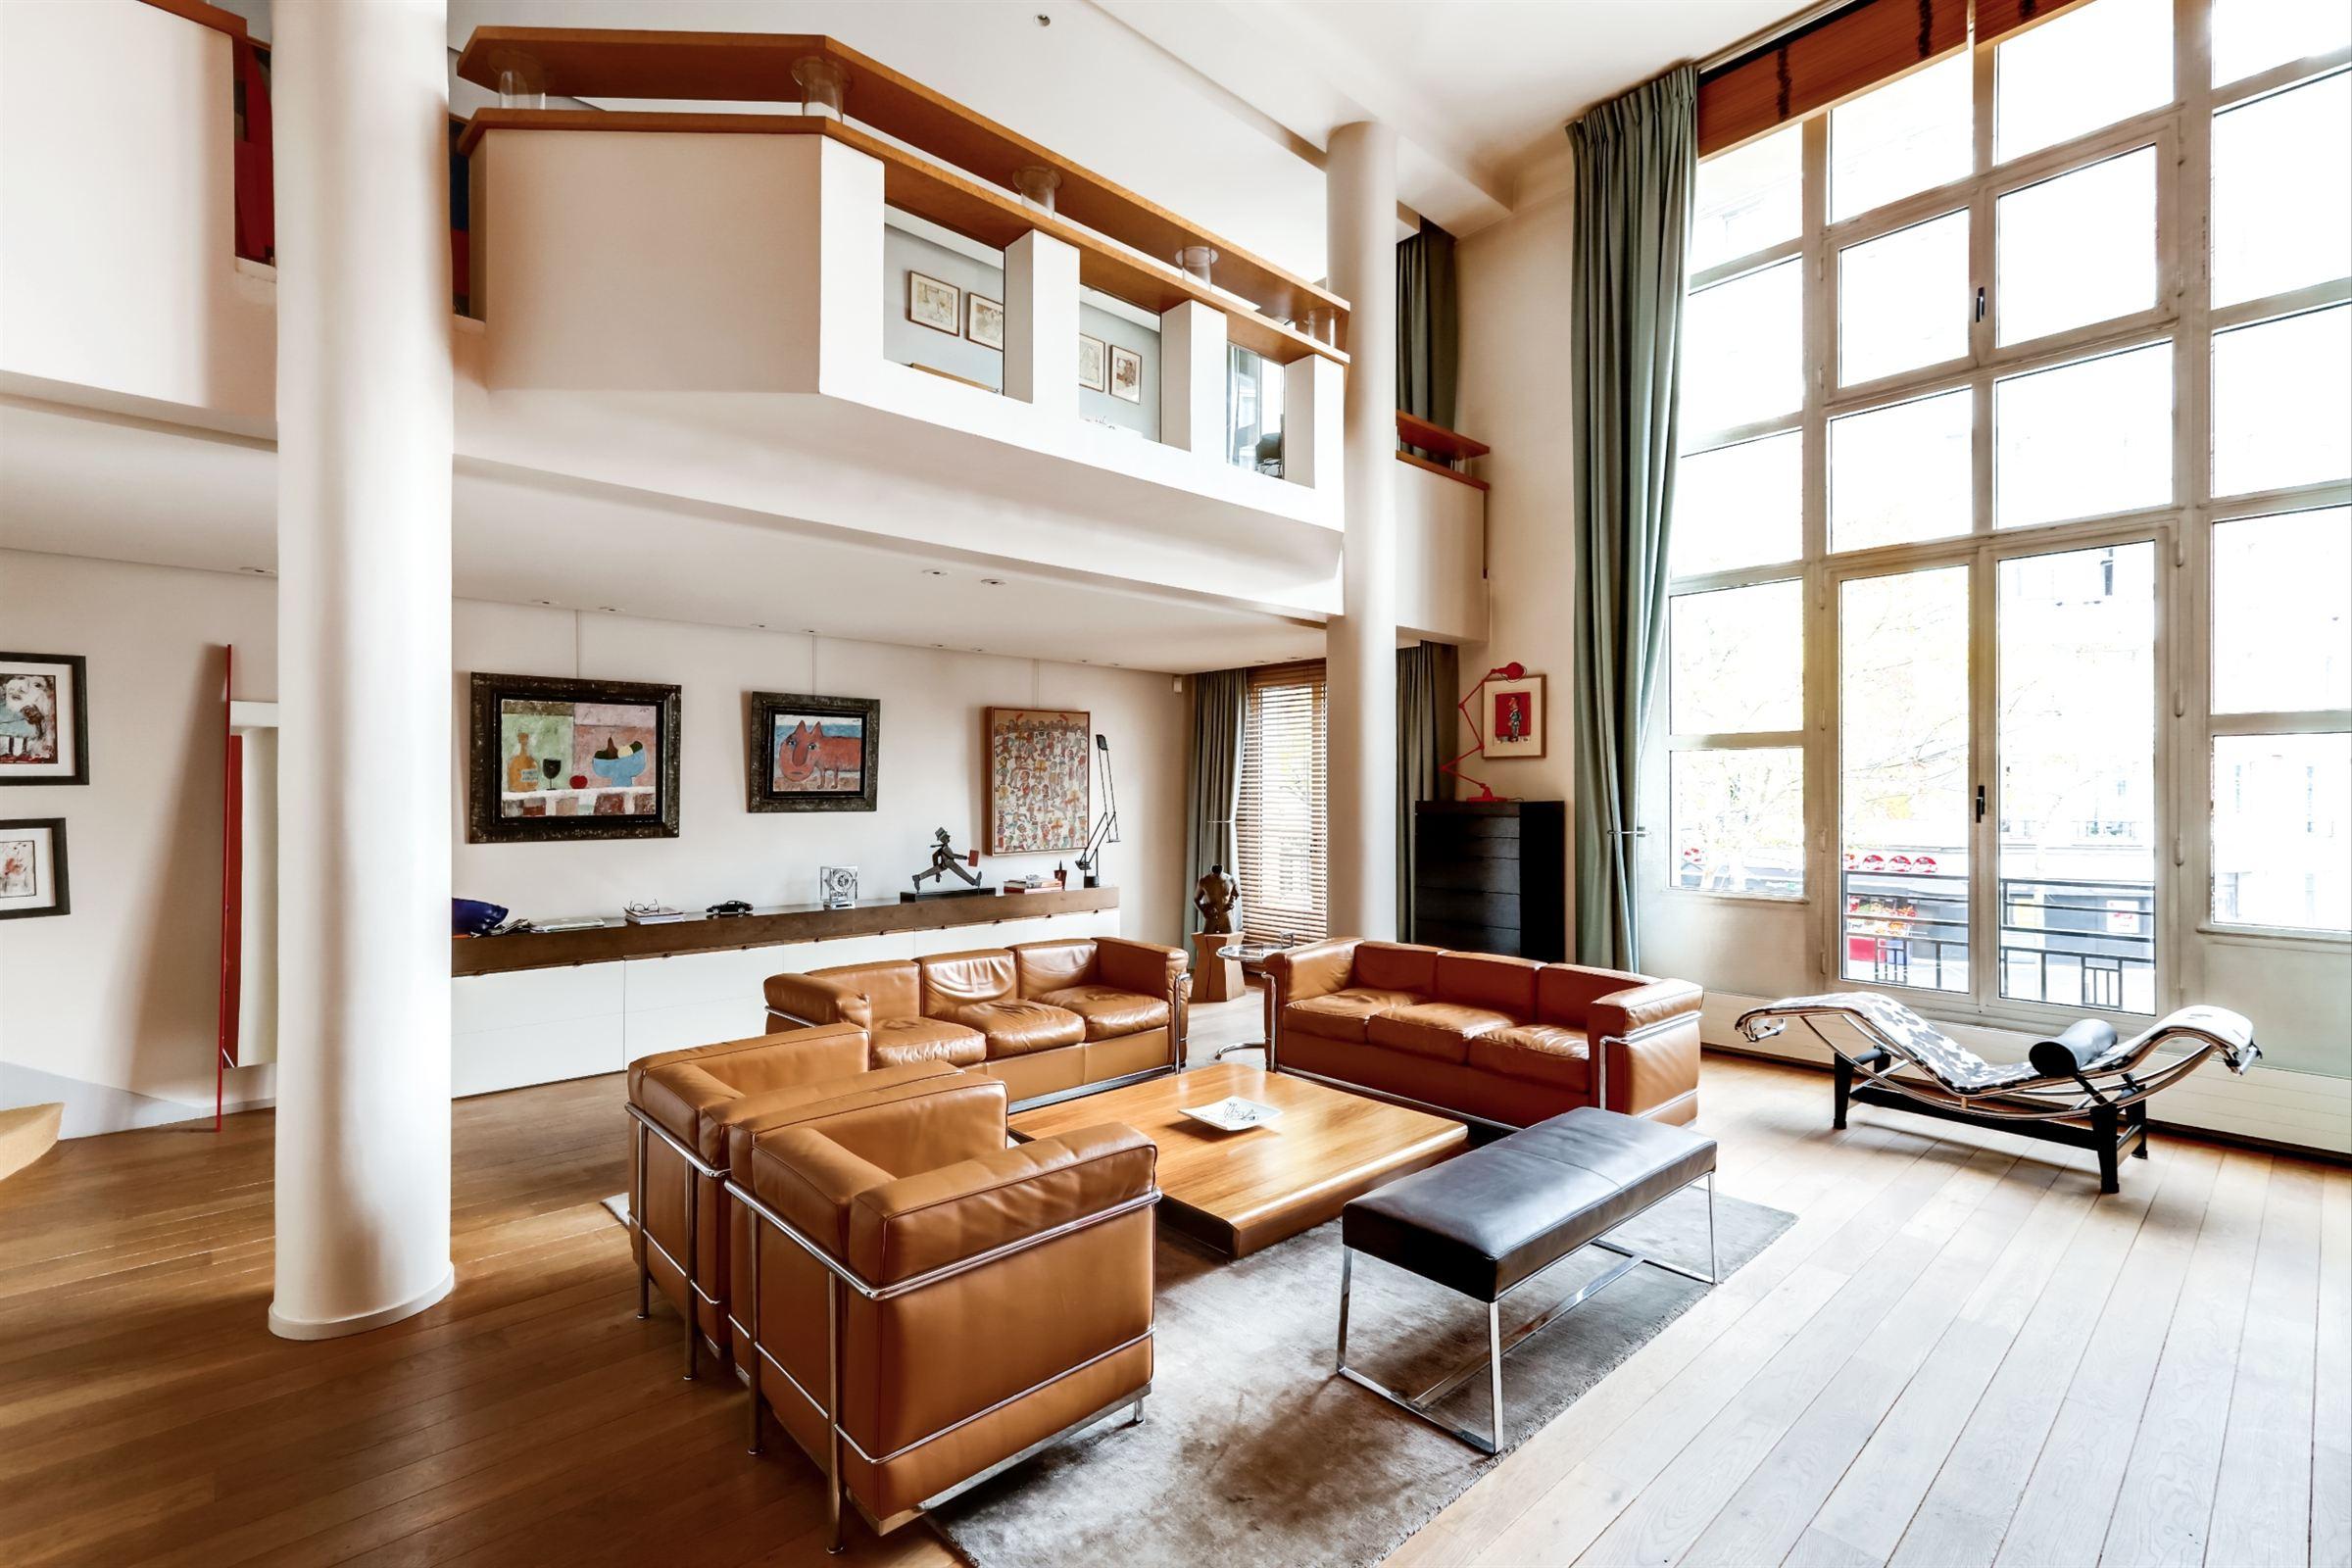 sales property at Artist's studio for sale in Paris 16th - Porte d'Auteuil